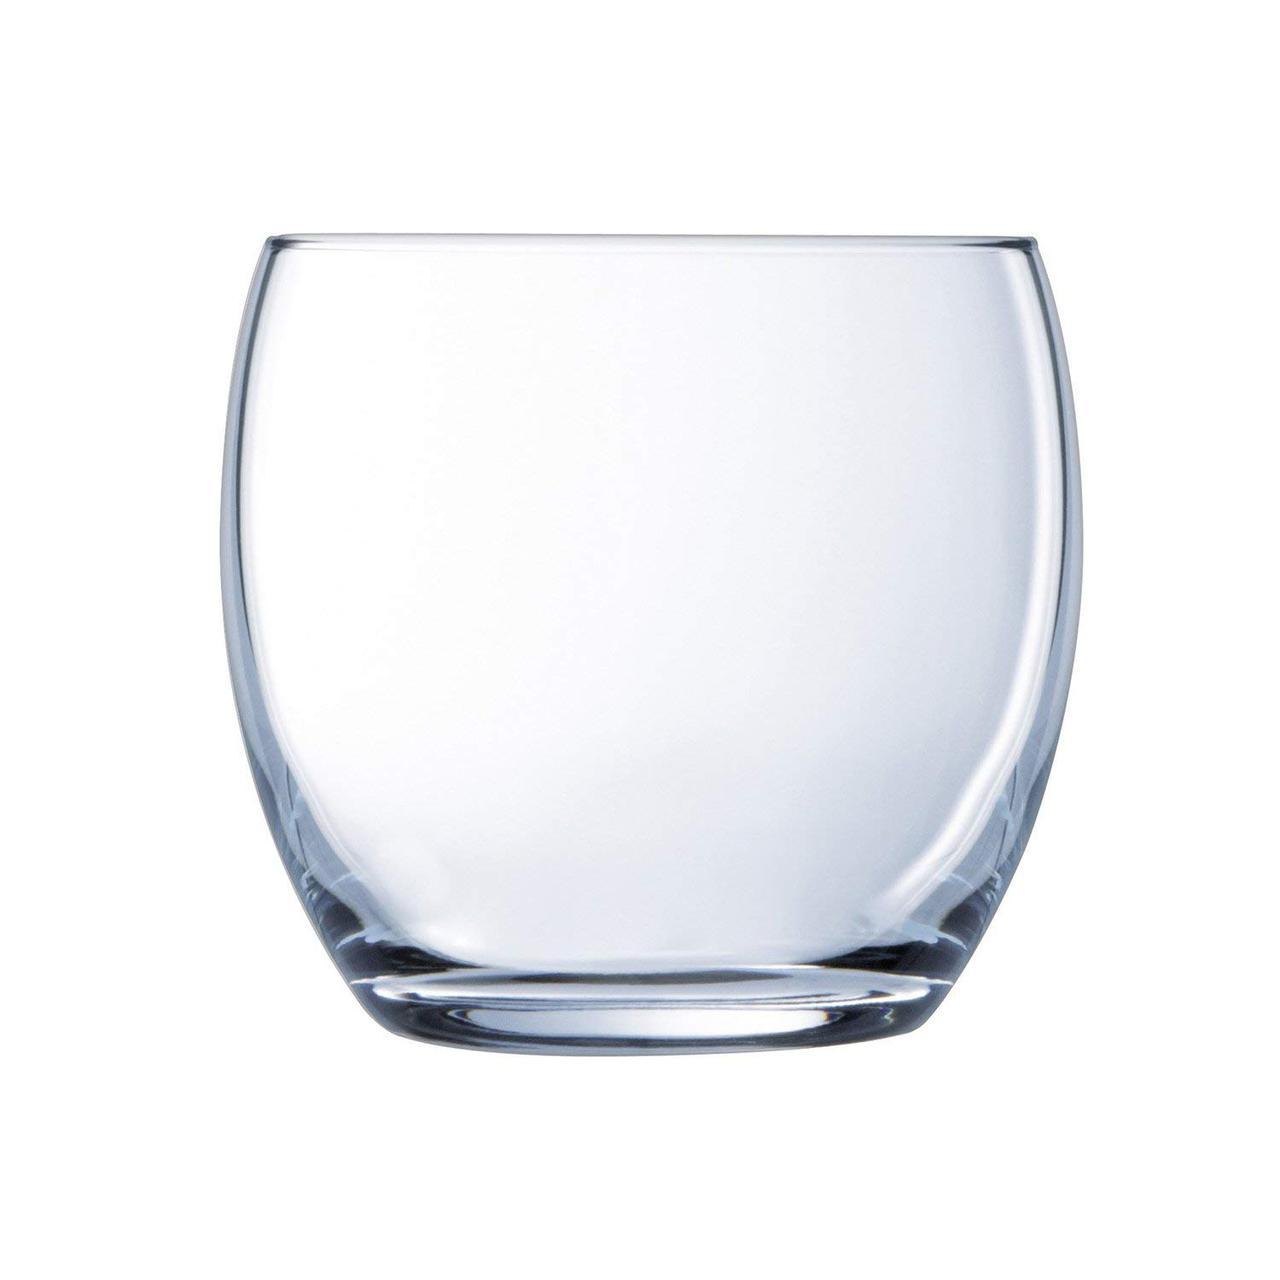 Набор стаканов Luminarc Versailles низкие 6 штук